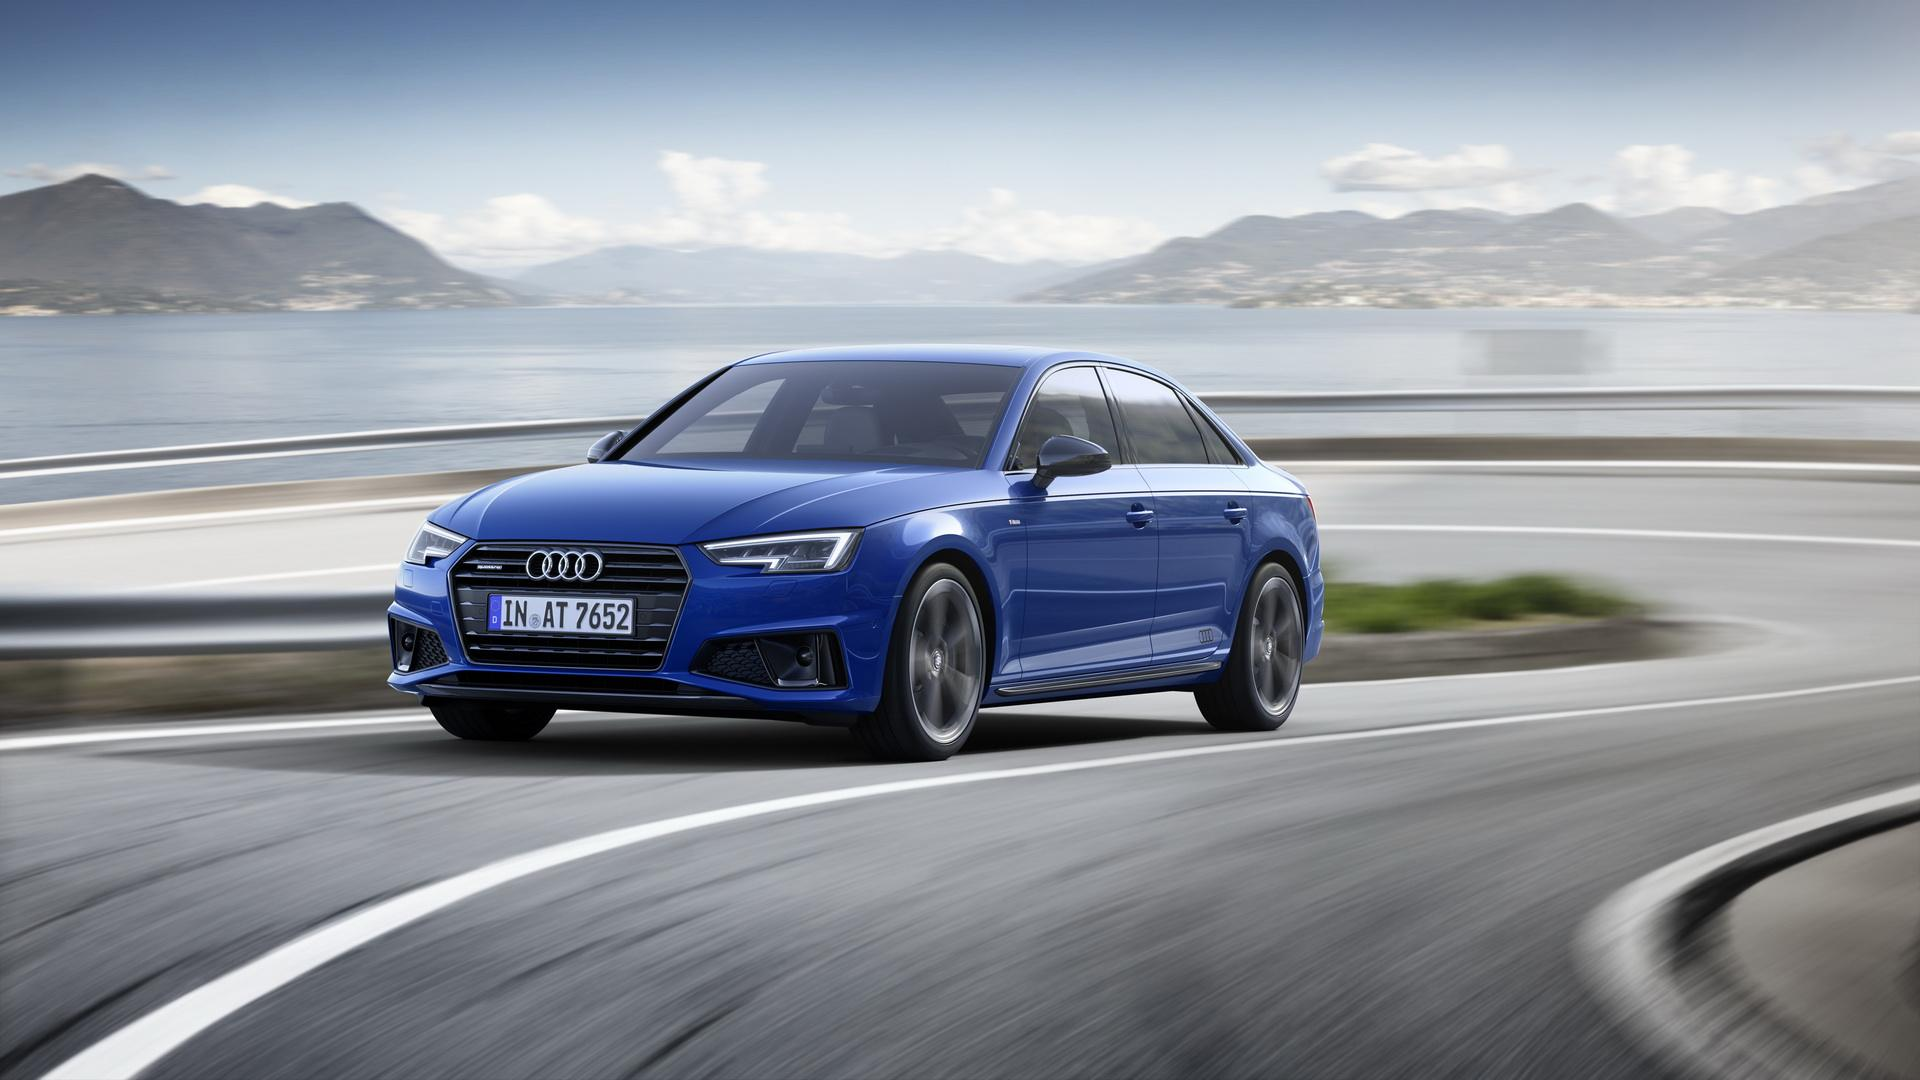 Kelebihan Kekurangan Audi 14 Harga